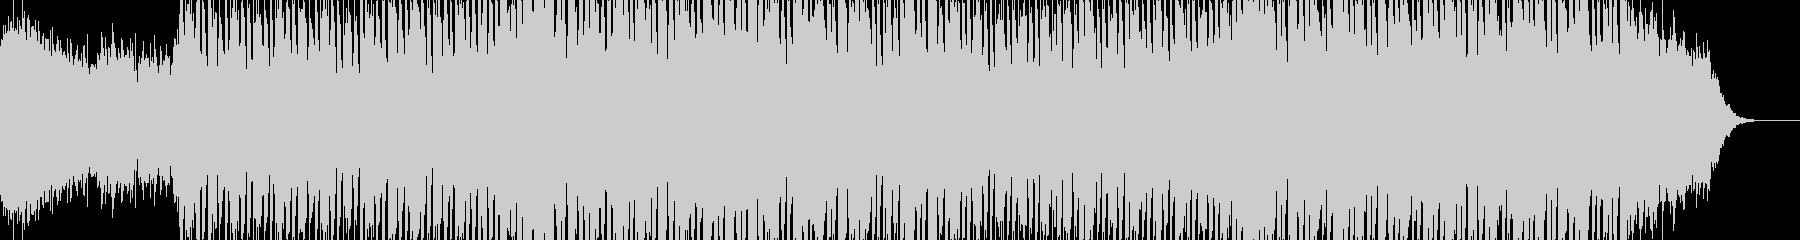 EDMクラブ系ダンスミュージック-83の未再生の波形